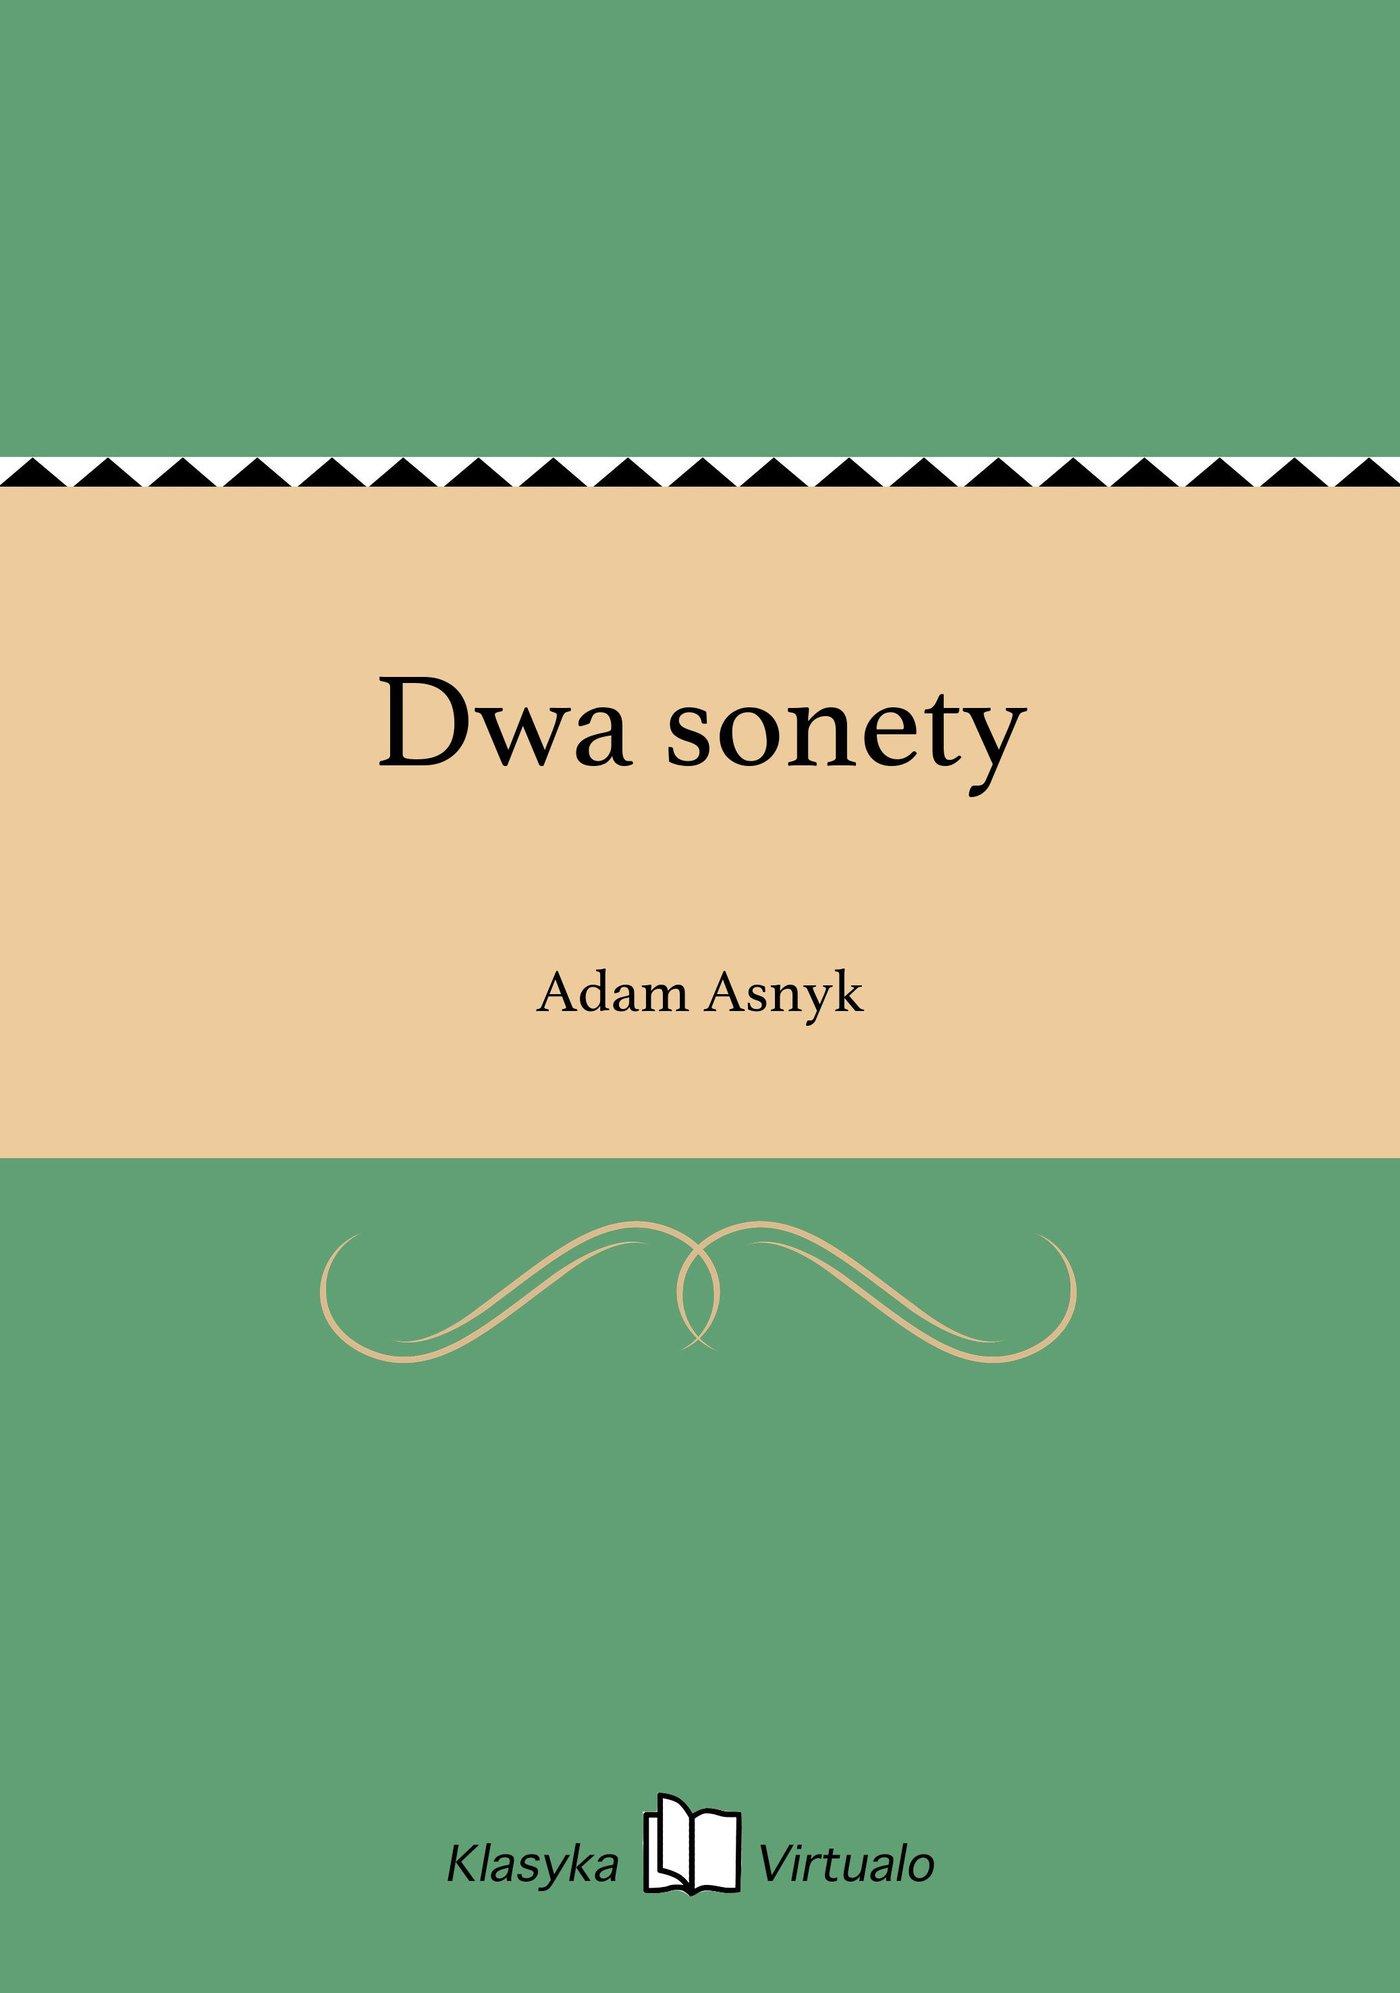 Dwa sonety - Ebook (Książka EPUB) do pobrania w formacie EPUB